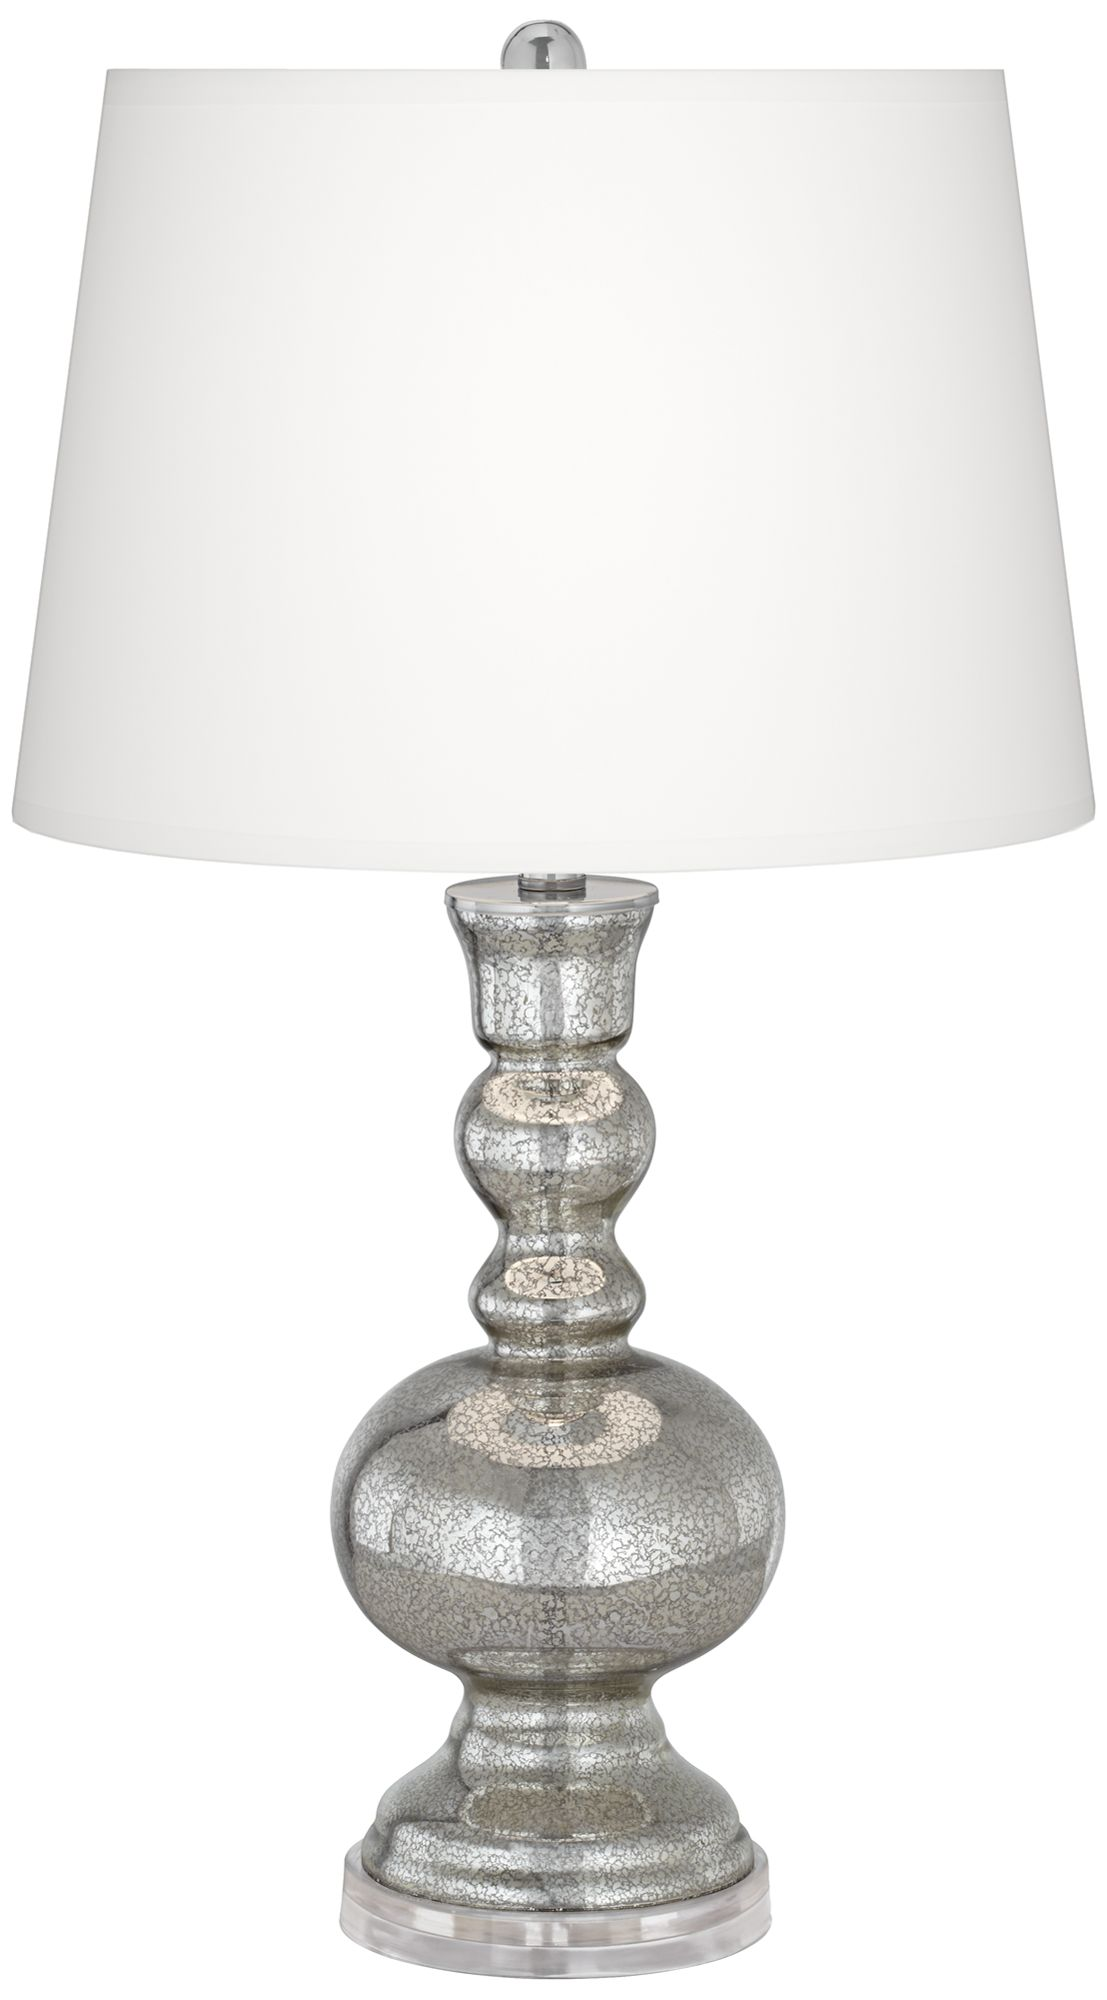 color plus mercury glass table lamp - Mercury Glass Lamps